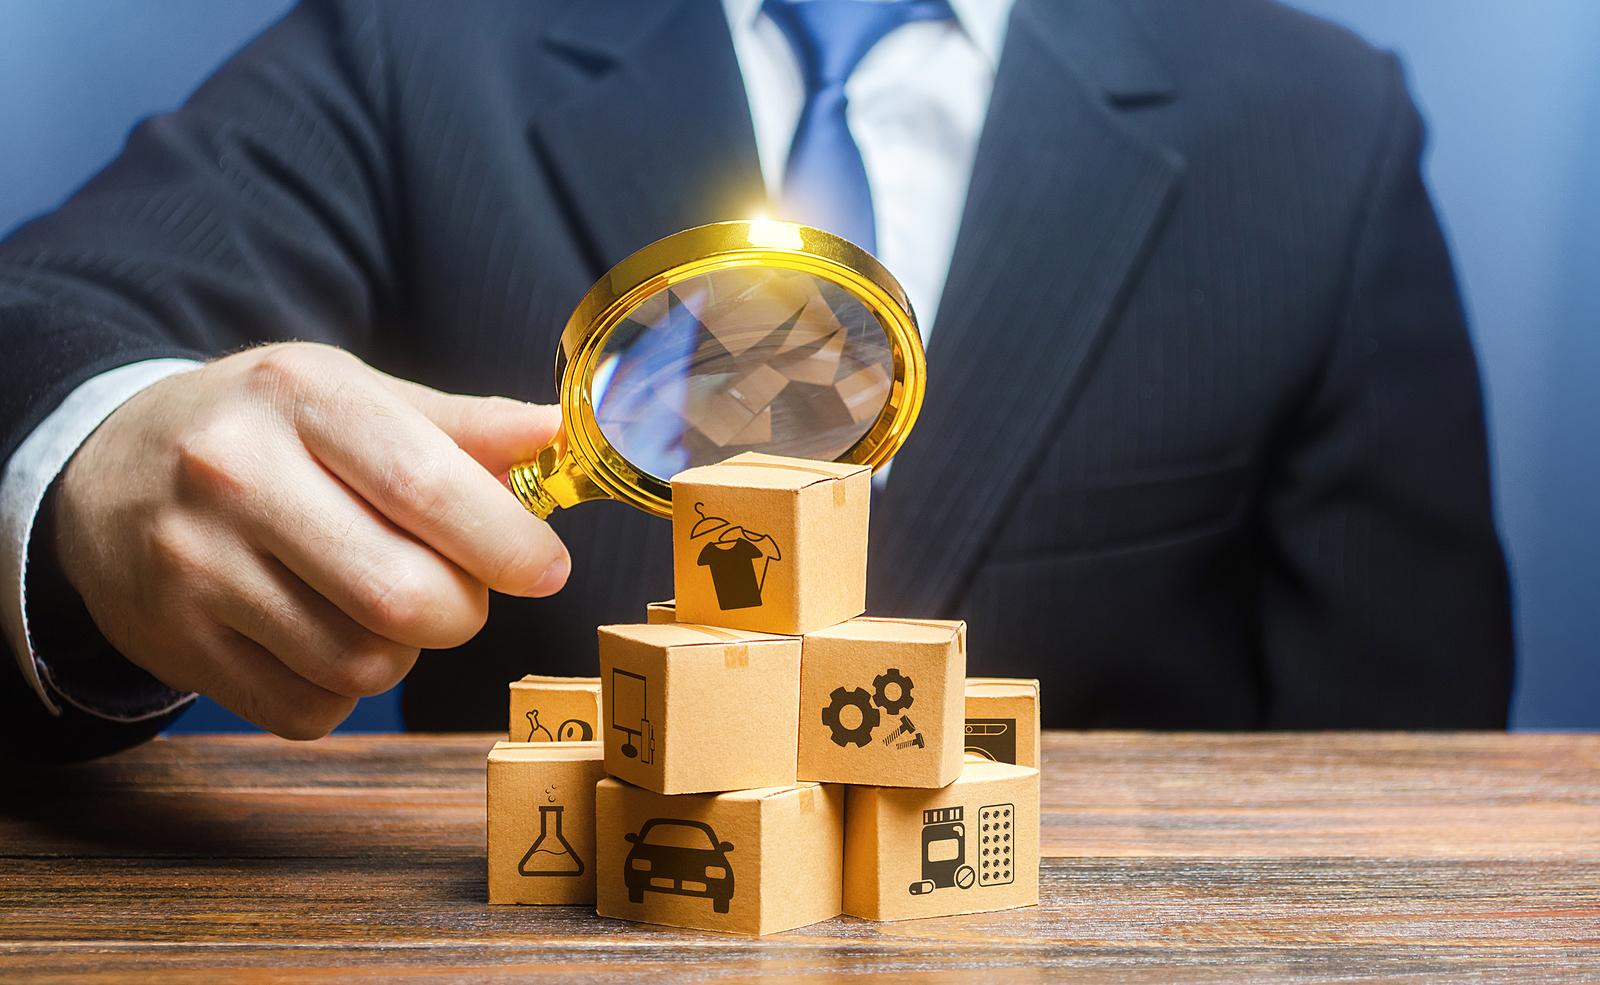 Is Market Research Trustworthy?